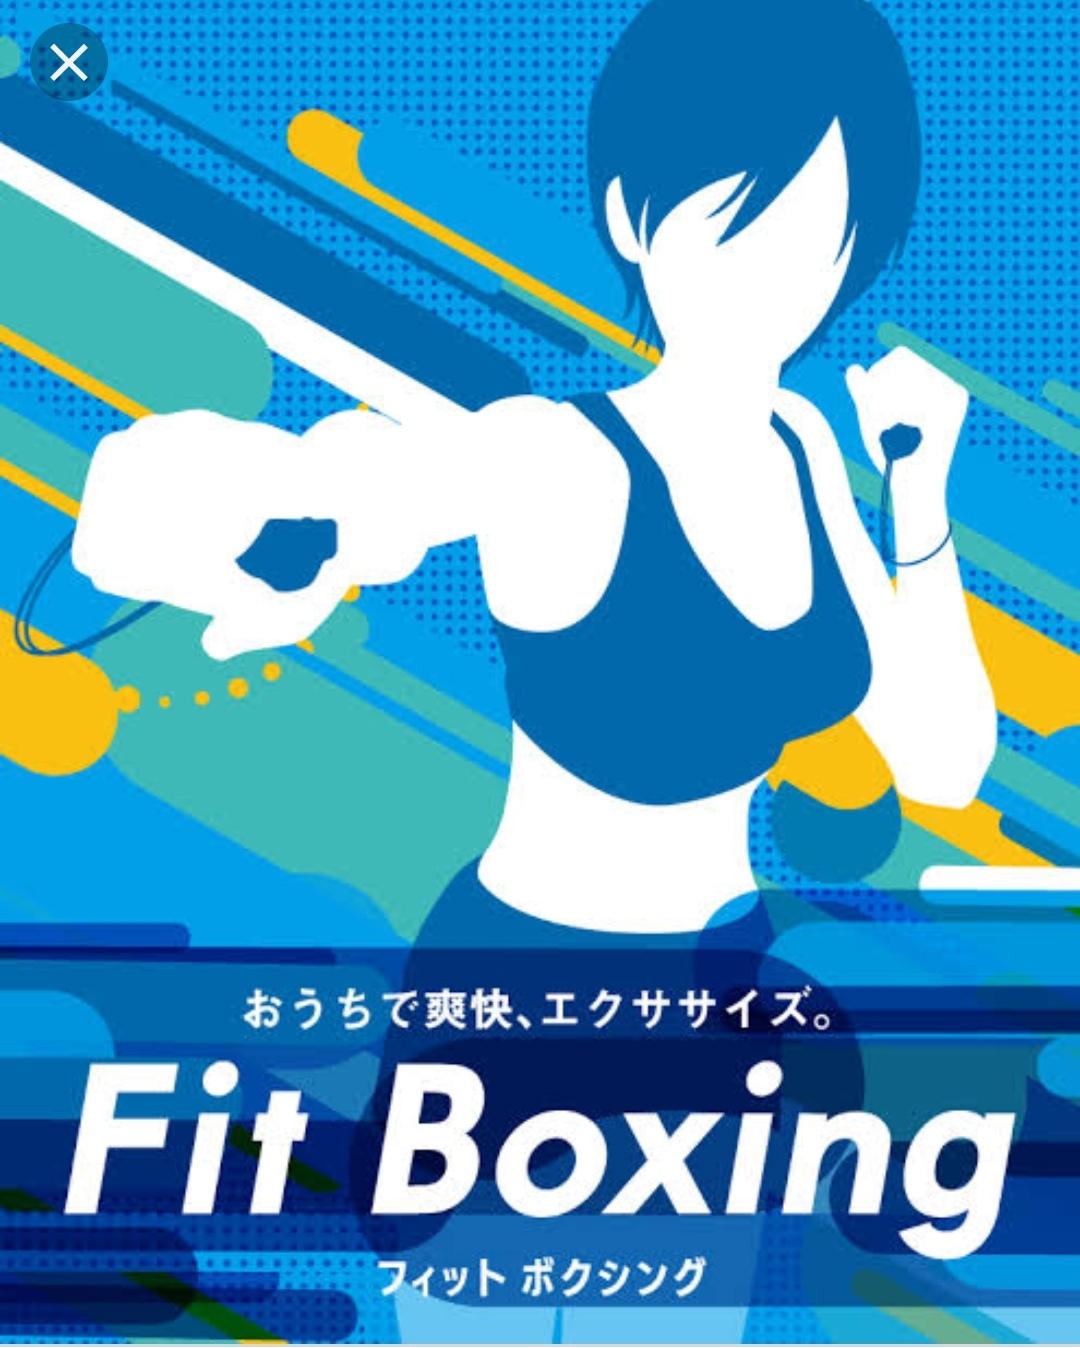 #27 「Fit Boxing」ってすごいよ、のお話。